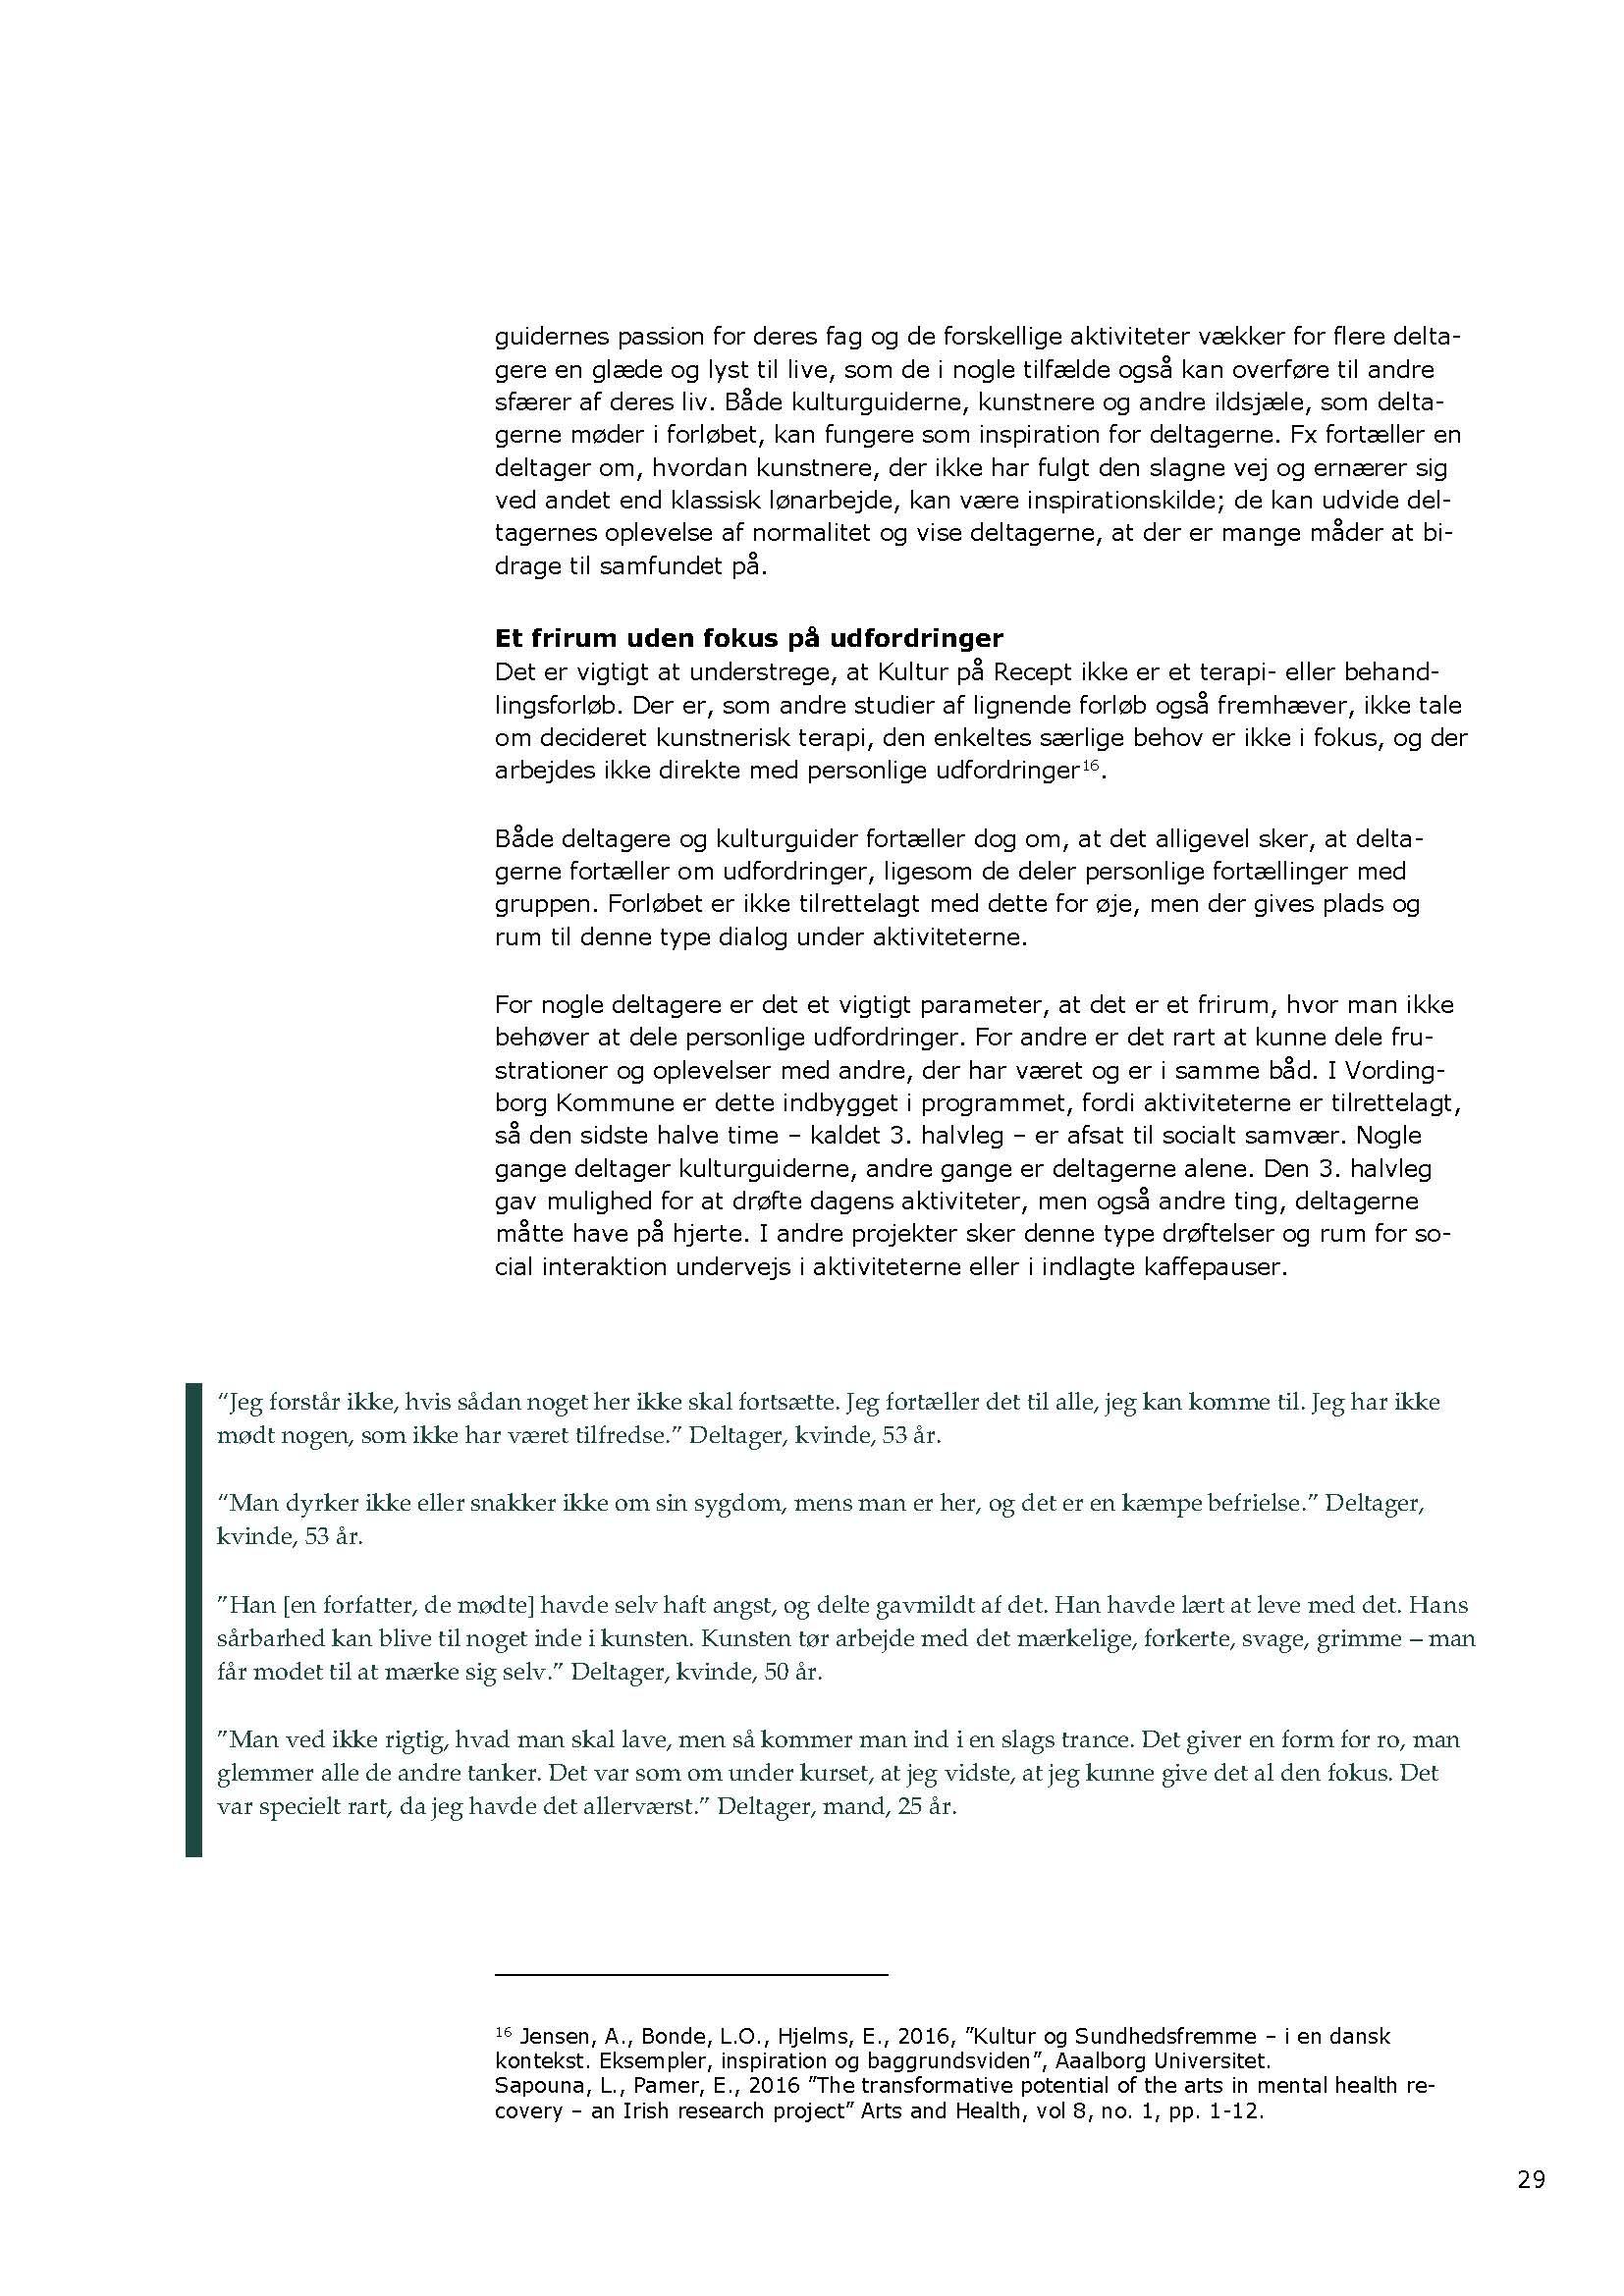 Kultur-paa-recept_tvaergaaende-evaluering_foraar-2020_Page_29